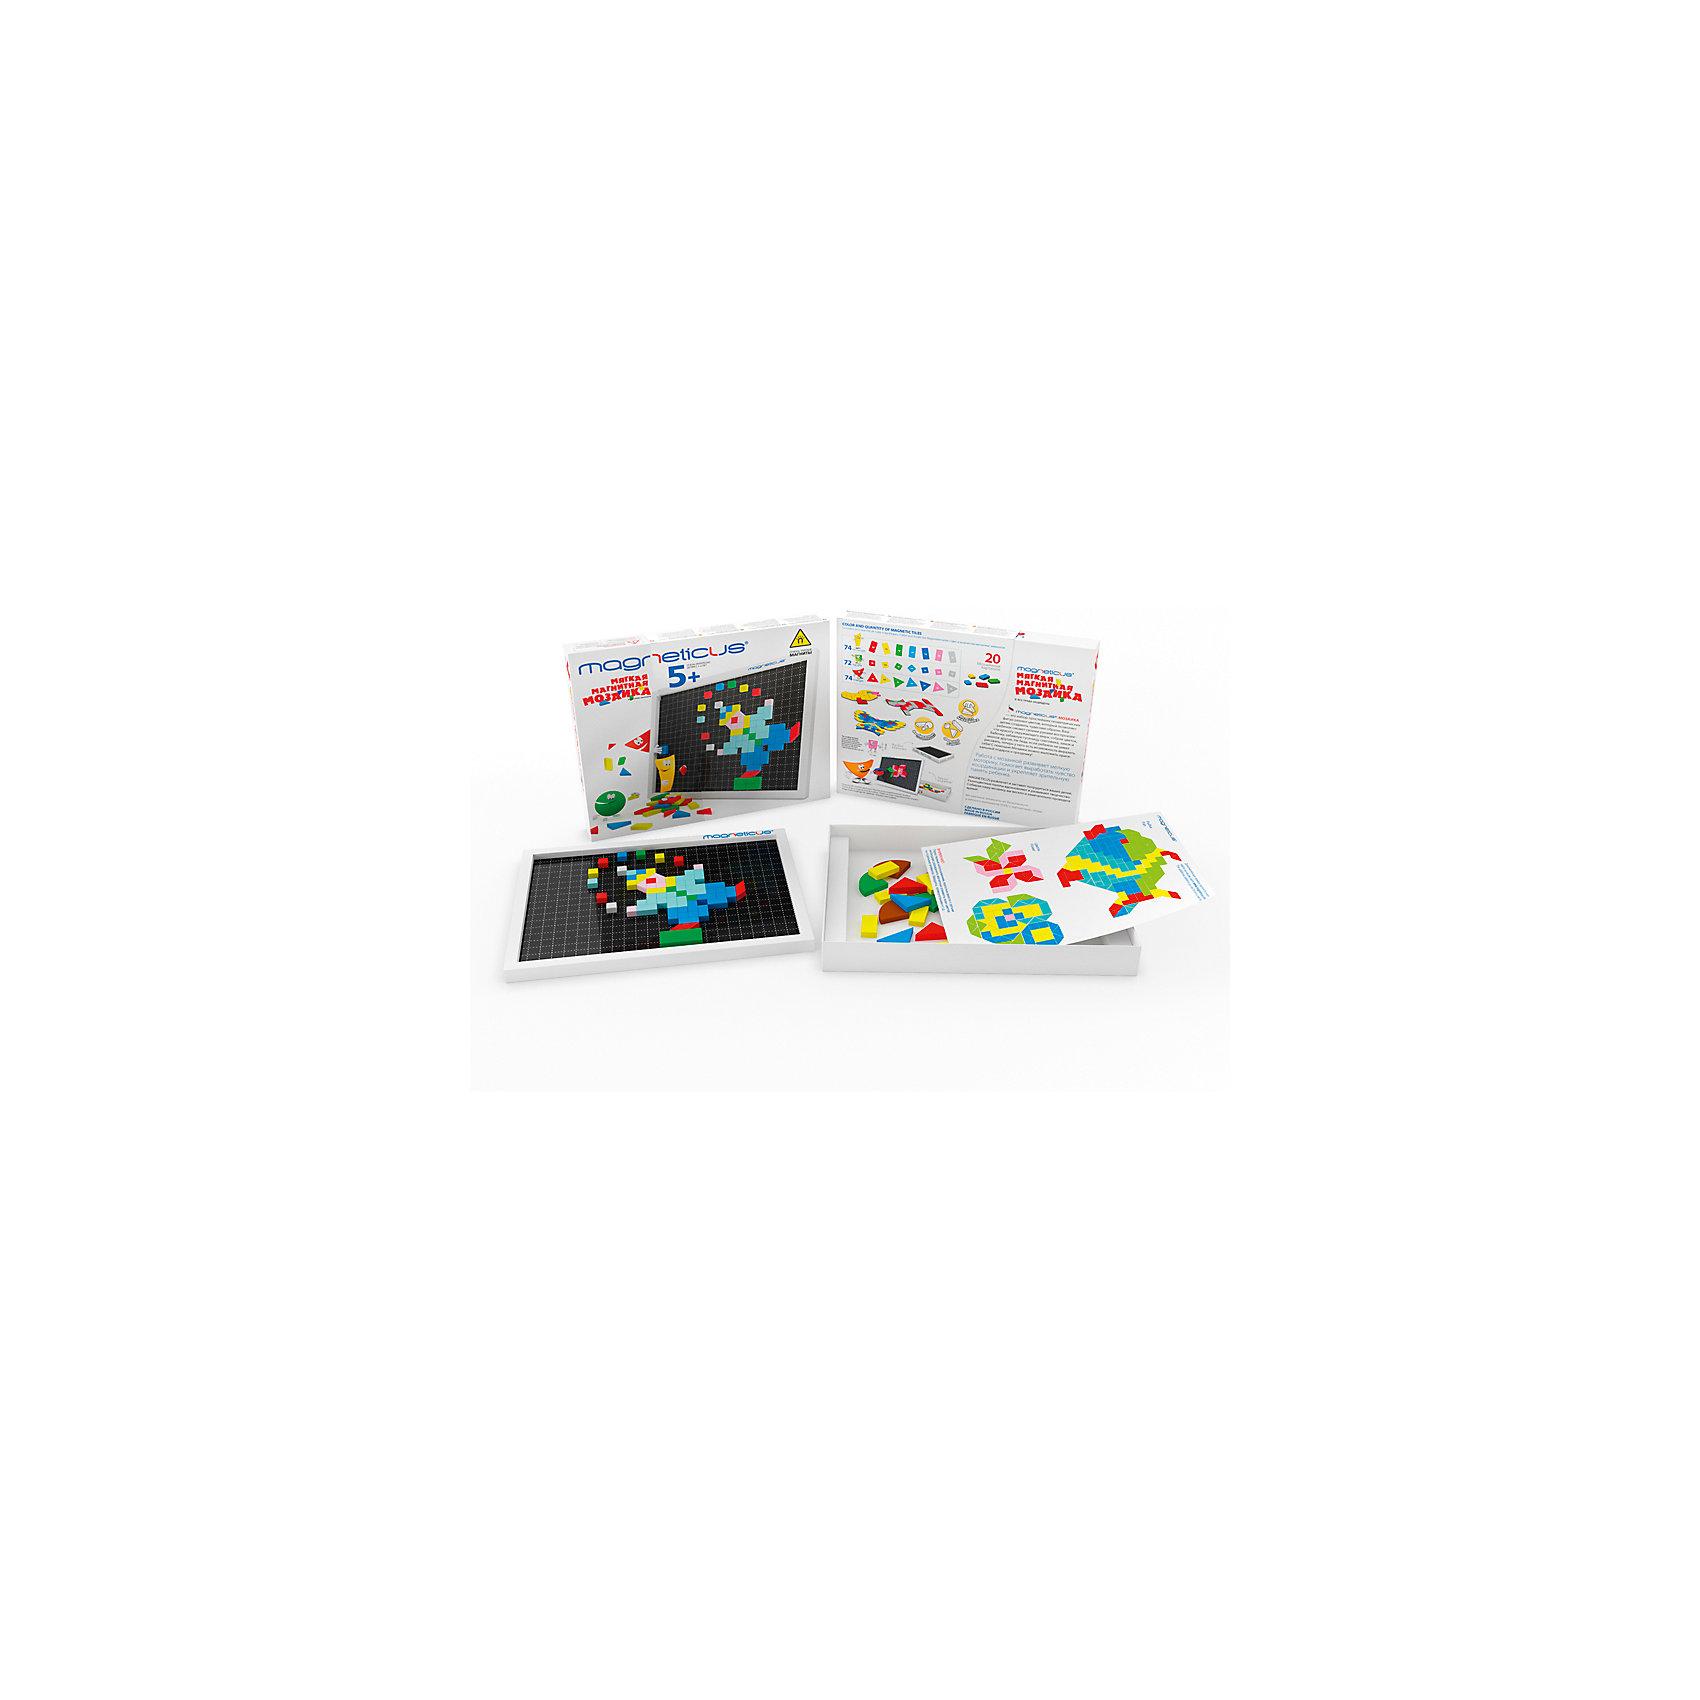 Мозаика магнитная, 220 деталей,  MagneticusМозаика<br>Характеристики товара:<br><br>• возраст от 3 лет;<br>• материал: металл, полимер;<br>• в комплекте: 220 деталей, игровое поле, буклет;<br>• размер упаковки 26х22х4 см;<br>• вес упаковки 250 гр.;<br>• страна производитель: Россия.<br><br>Мозаика магнитная Magneticus 220 деталей — набор магнитных разноцветных элементов, выполненных в виде геометрических фигур. Детали крепятся на металлическую основу, образуя фигуры и рисунки. Проявляя фантазию, ребенок может создавать собственные картинки или следовать указаниям в инструкции. Игрушка развивает у детей мелкую моторику рук, усидчивость, внимательность, творческие способности.<br><br>Мозаику магнитную Magneticus 220 деталей можно приобрести в нашем интернет-магазине.<br><br>Ширина мм: 220<br>Глубина мм: 260<br>Высота мм: 40<br>Вес г: 250<br>Возраст от месяцев: 36<br>Возраст до месяцев: 96<br>Пол: Унисекс<br>Возраст: Детский<br>SKU: 5613495